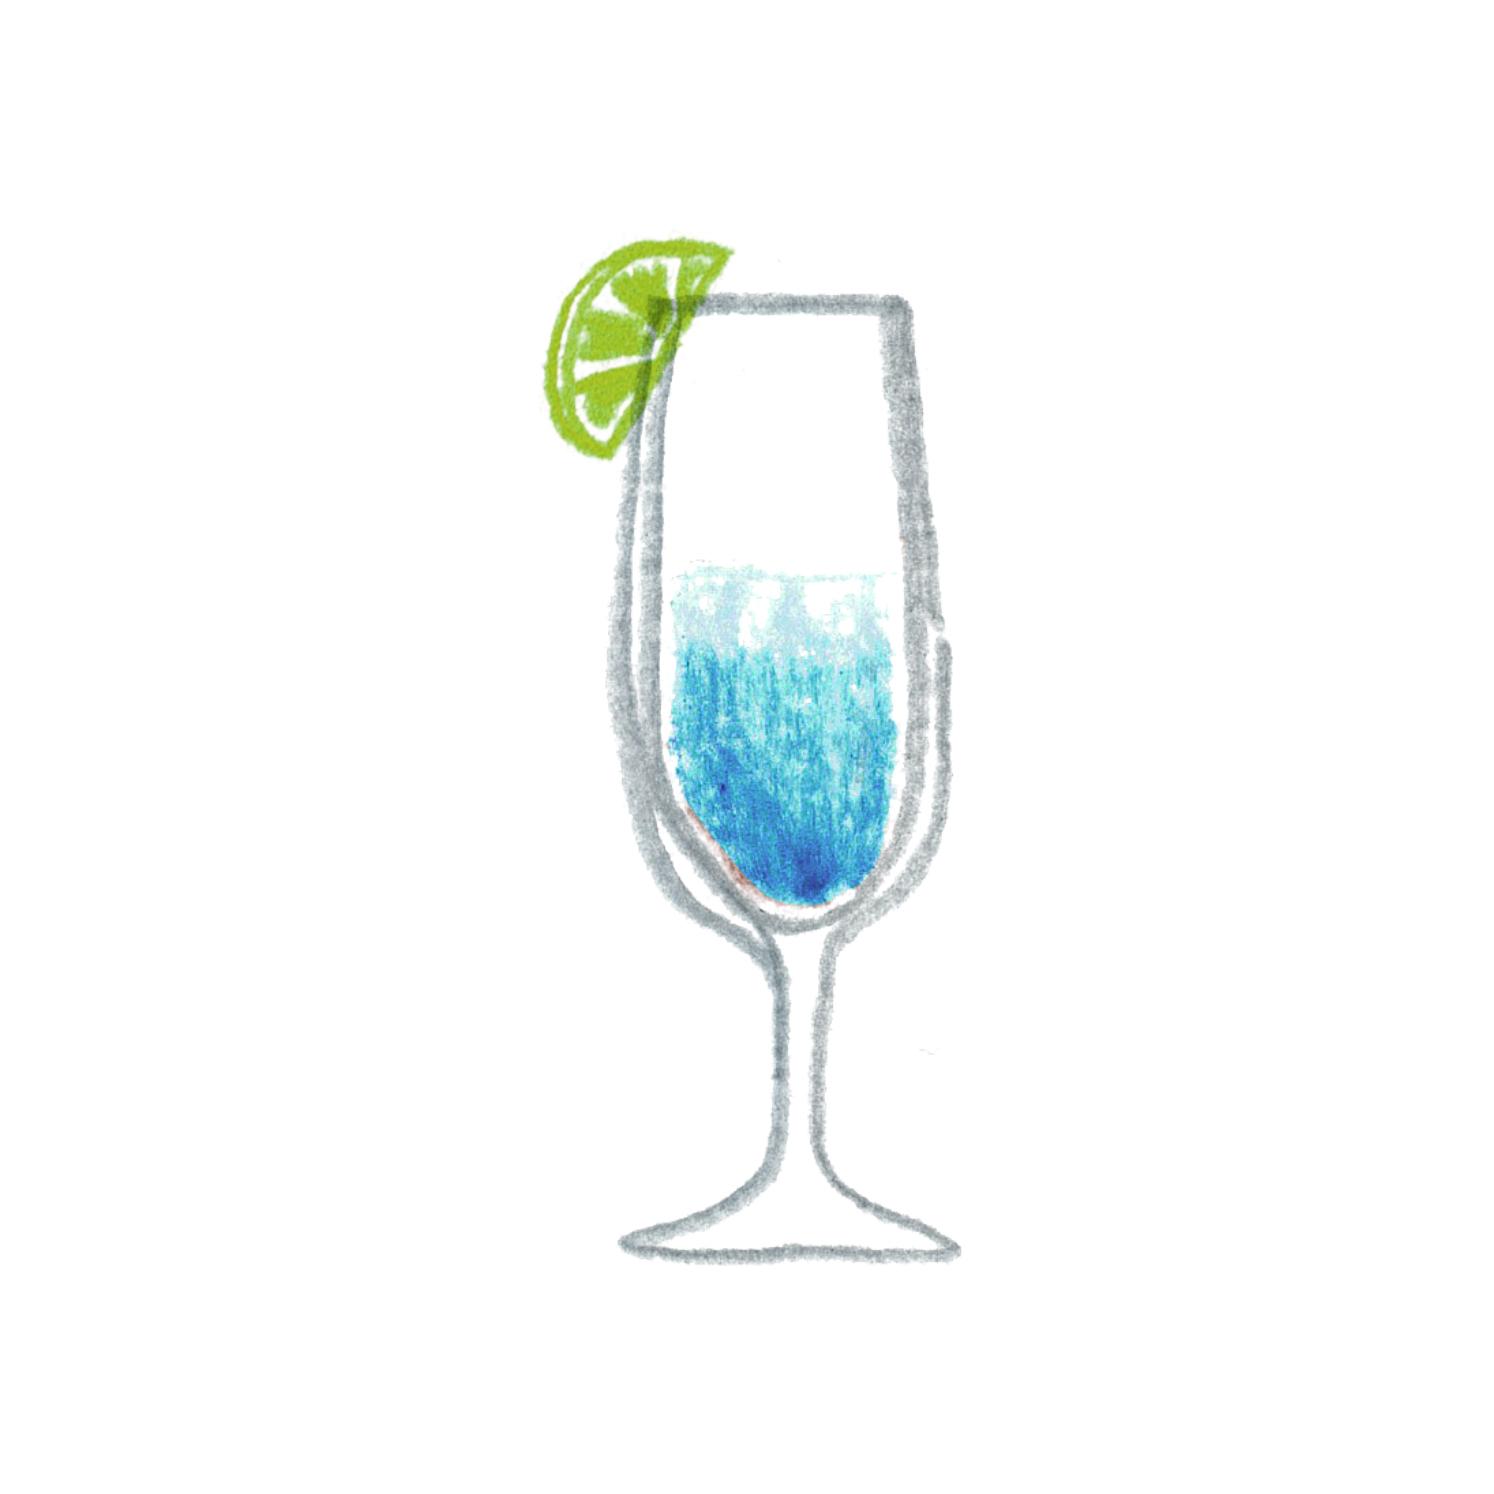 B:青い色のカクテル